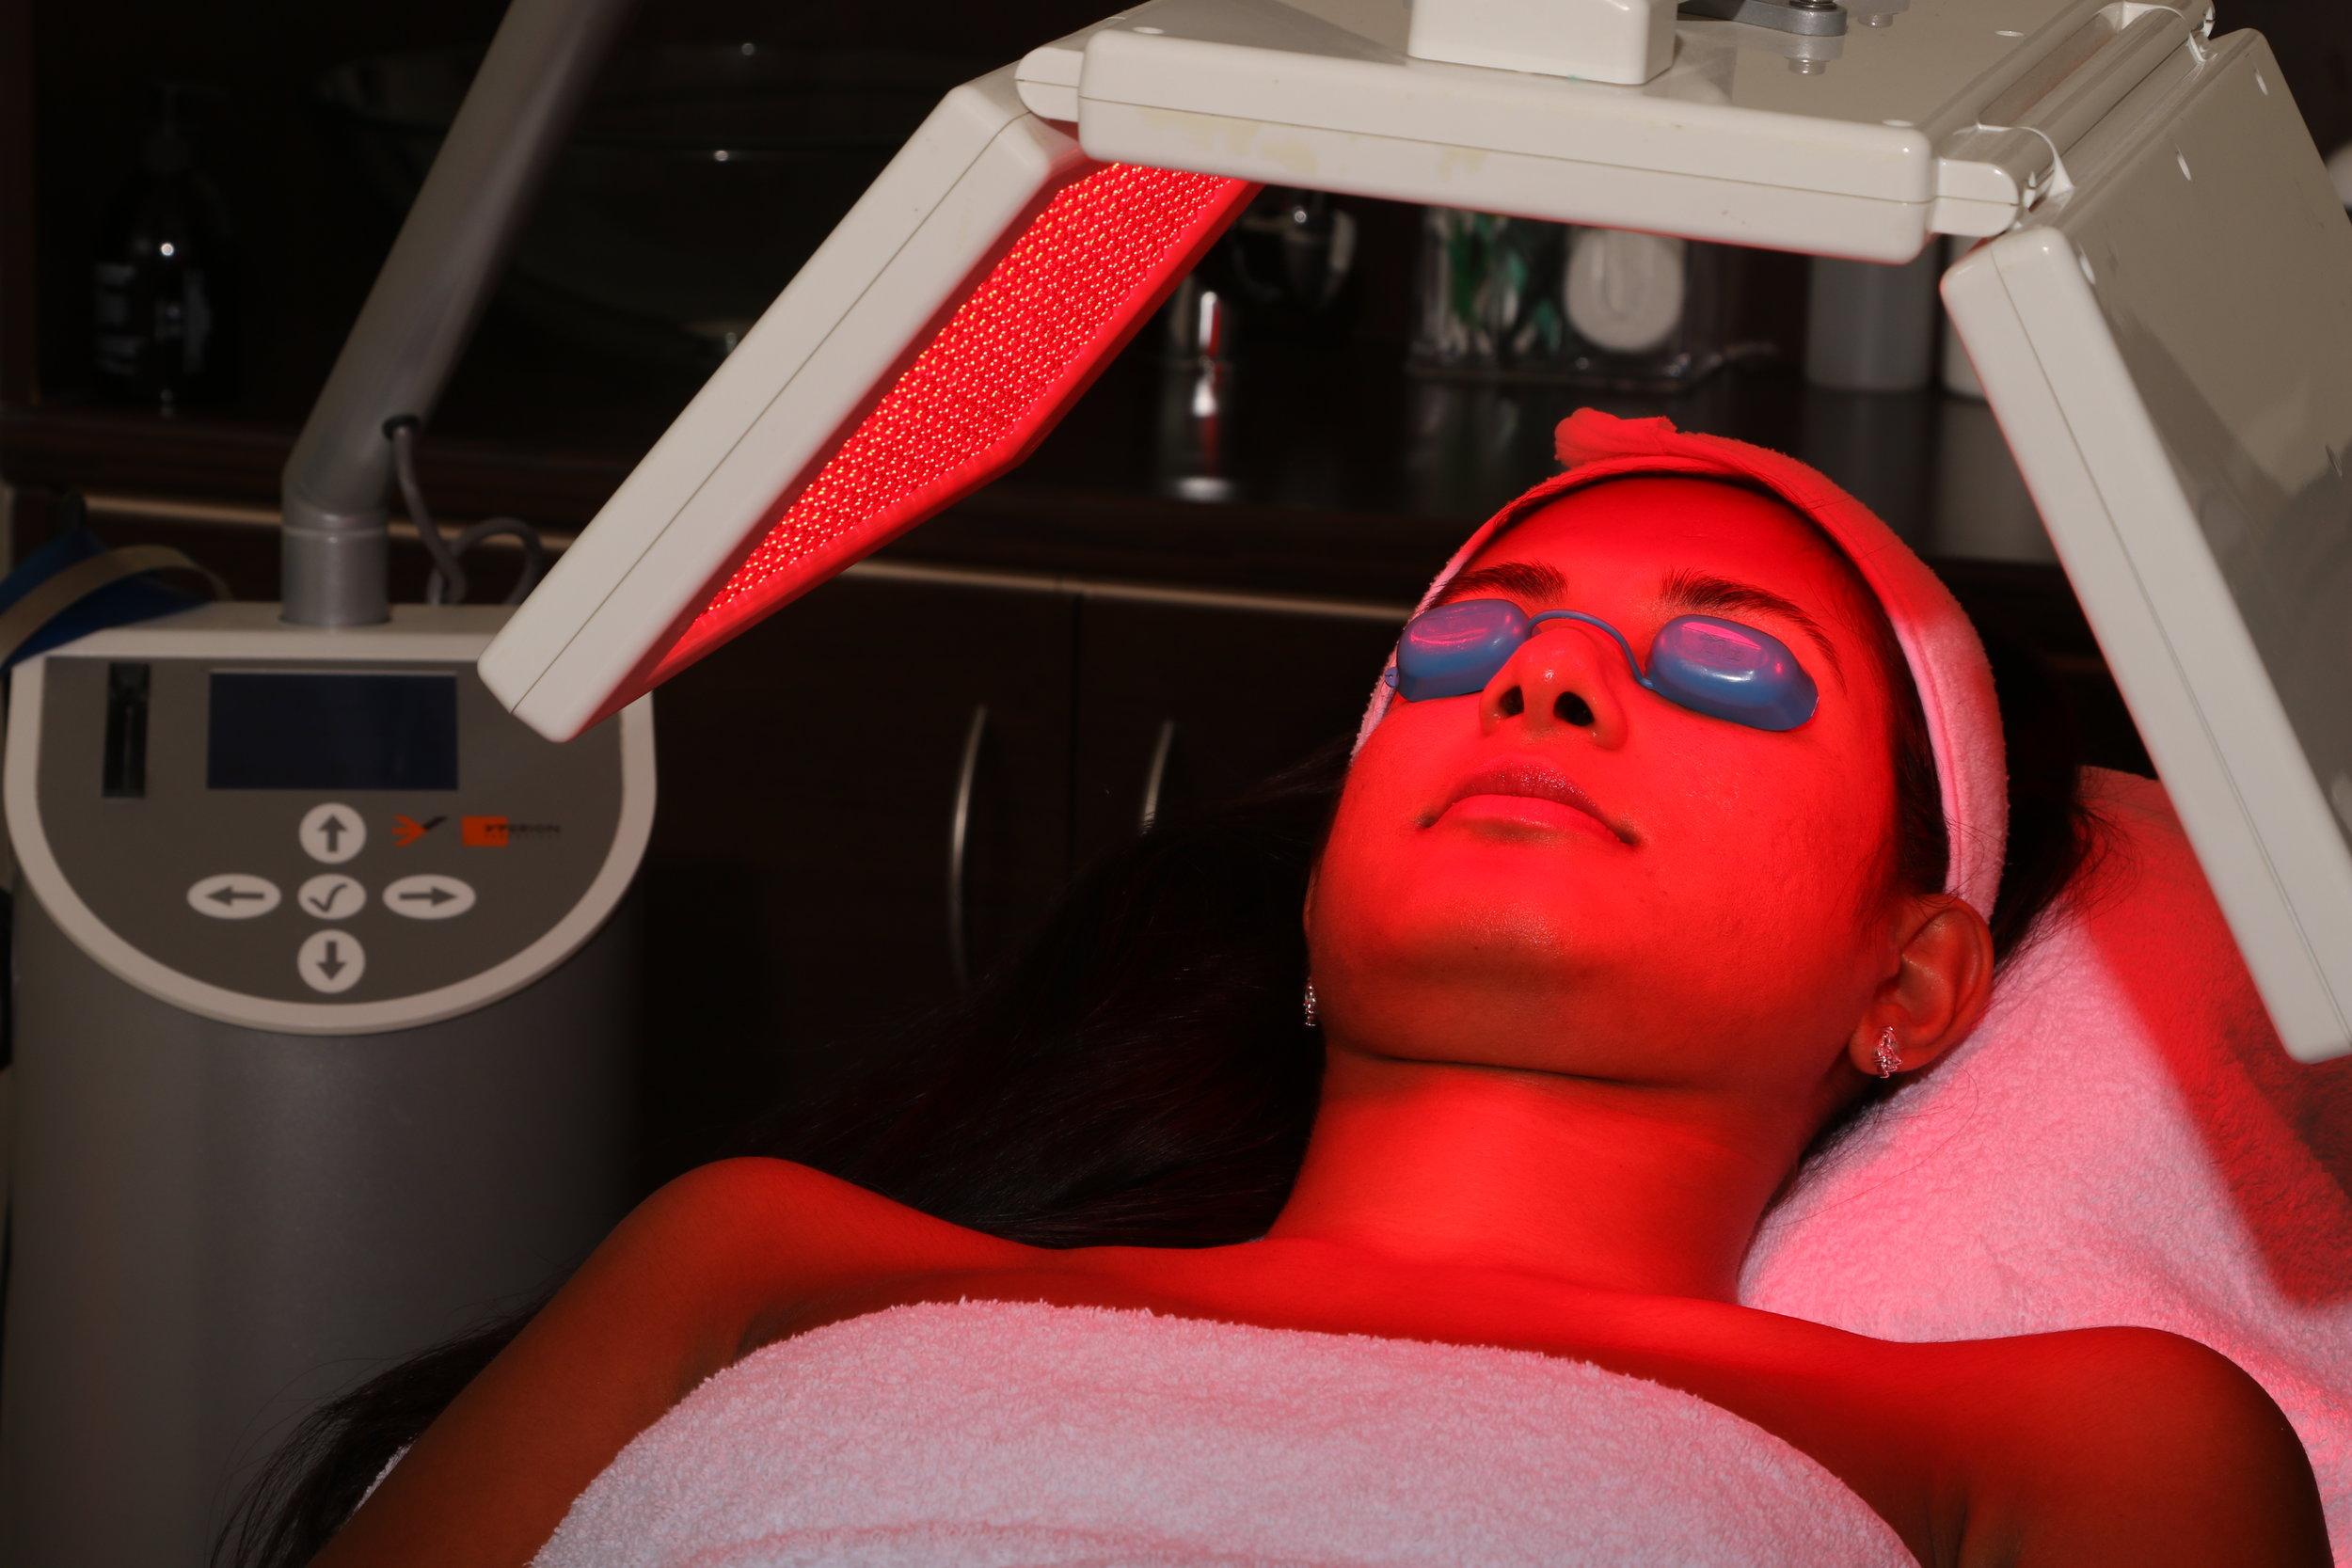 LED - Luminothérapie (Elle & Lui) - Théra-Beauté conseille cette technique afin d'obtenir d'excellents résultats pour le traitement des ridules, patte d'oie, synthèse de collagène, effet tenseur, peau sensible au rouge, rougeurs diffuses, peau acnéique, excès de sébum, peau inflammatoire, relaxation, bien être.